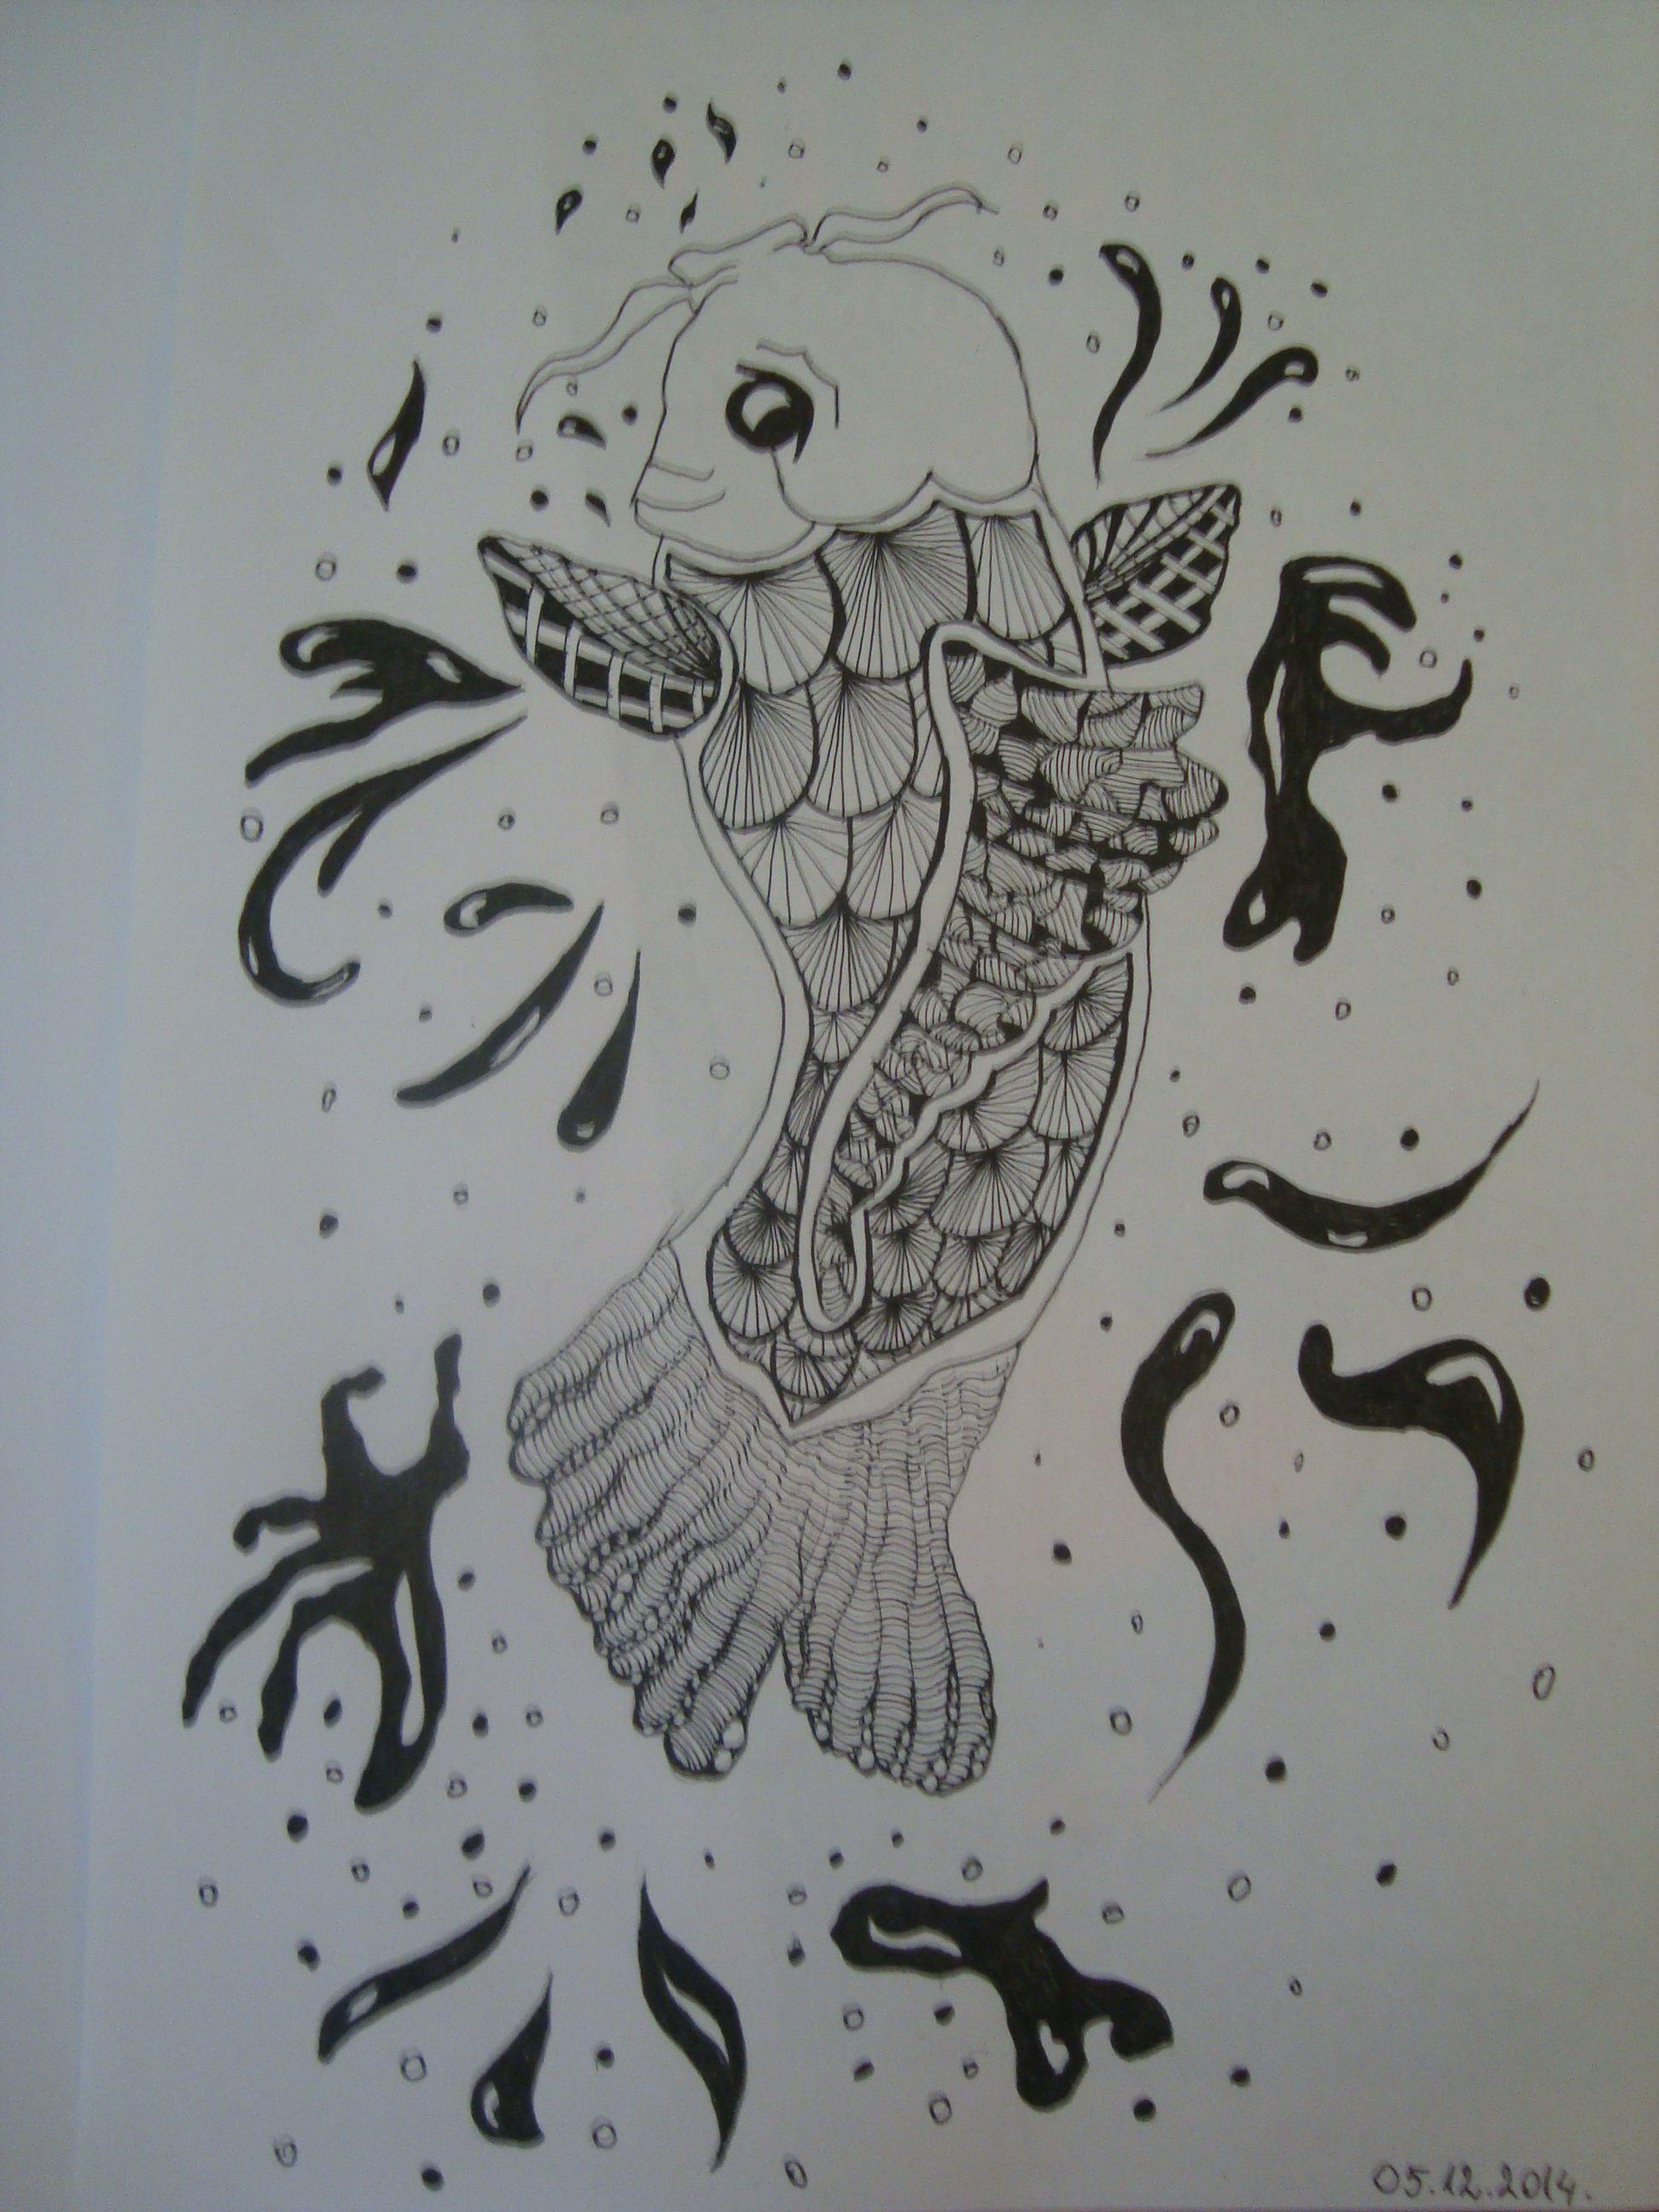 #Zentangle #Doodles #Fish #InWork